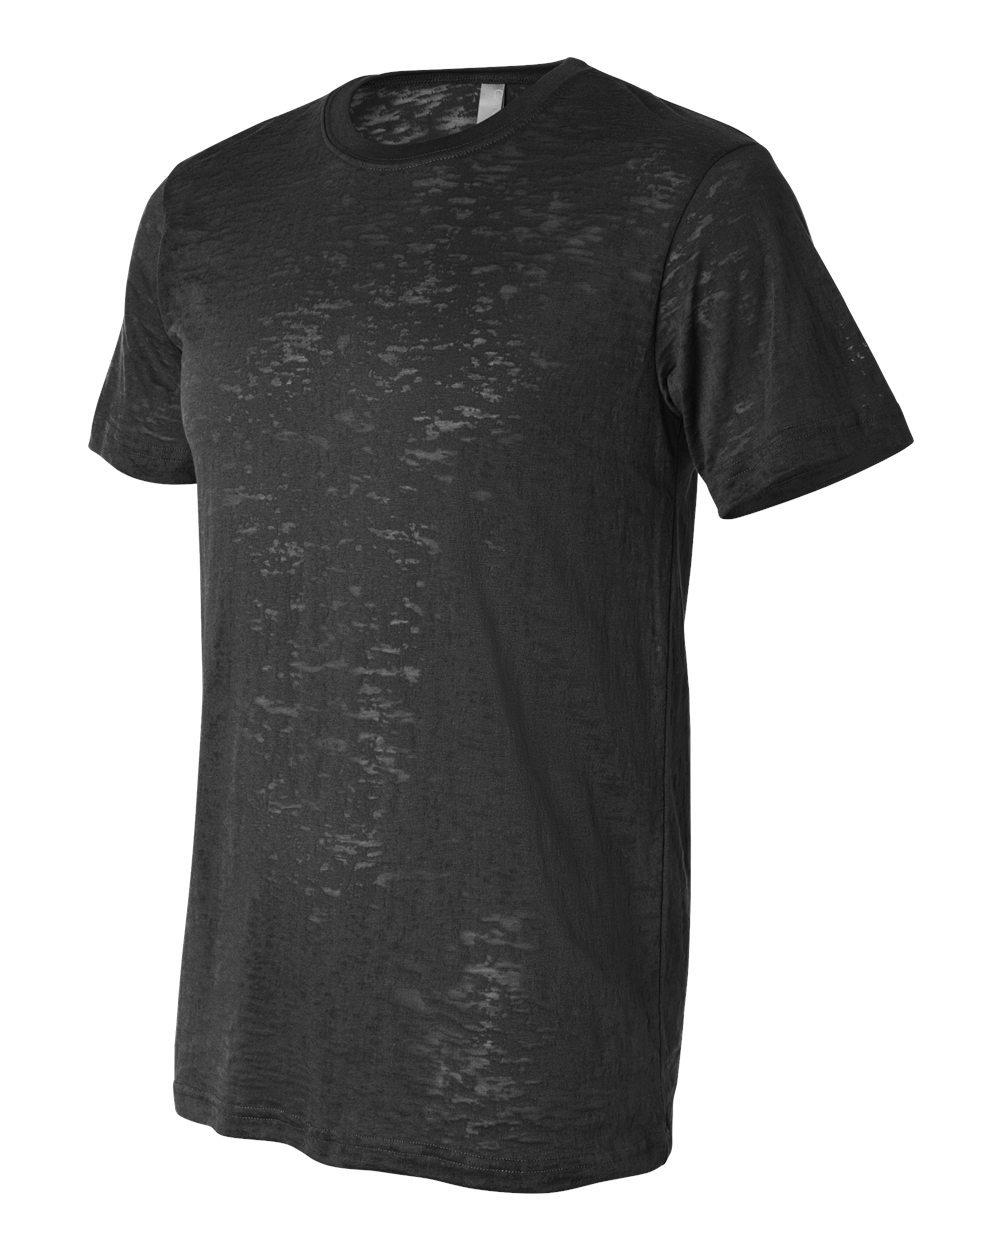 Bella And Canvas Burnout T Shirt Evan Webster Ink